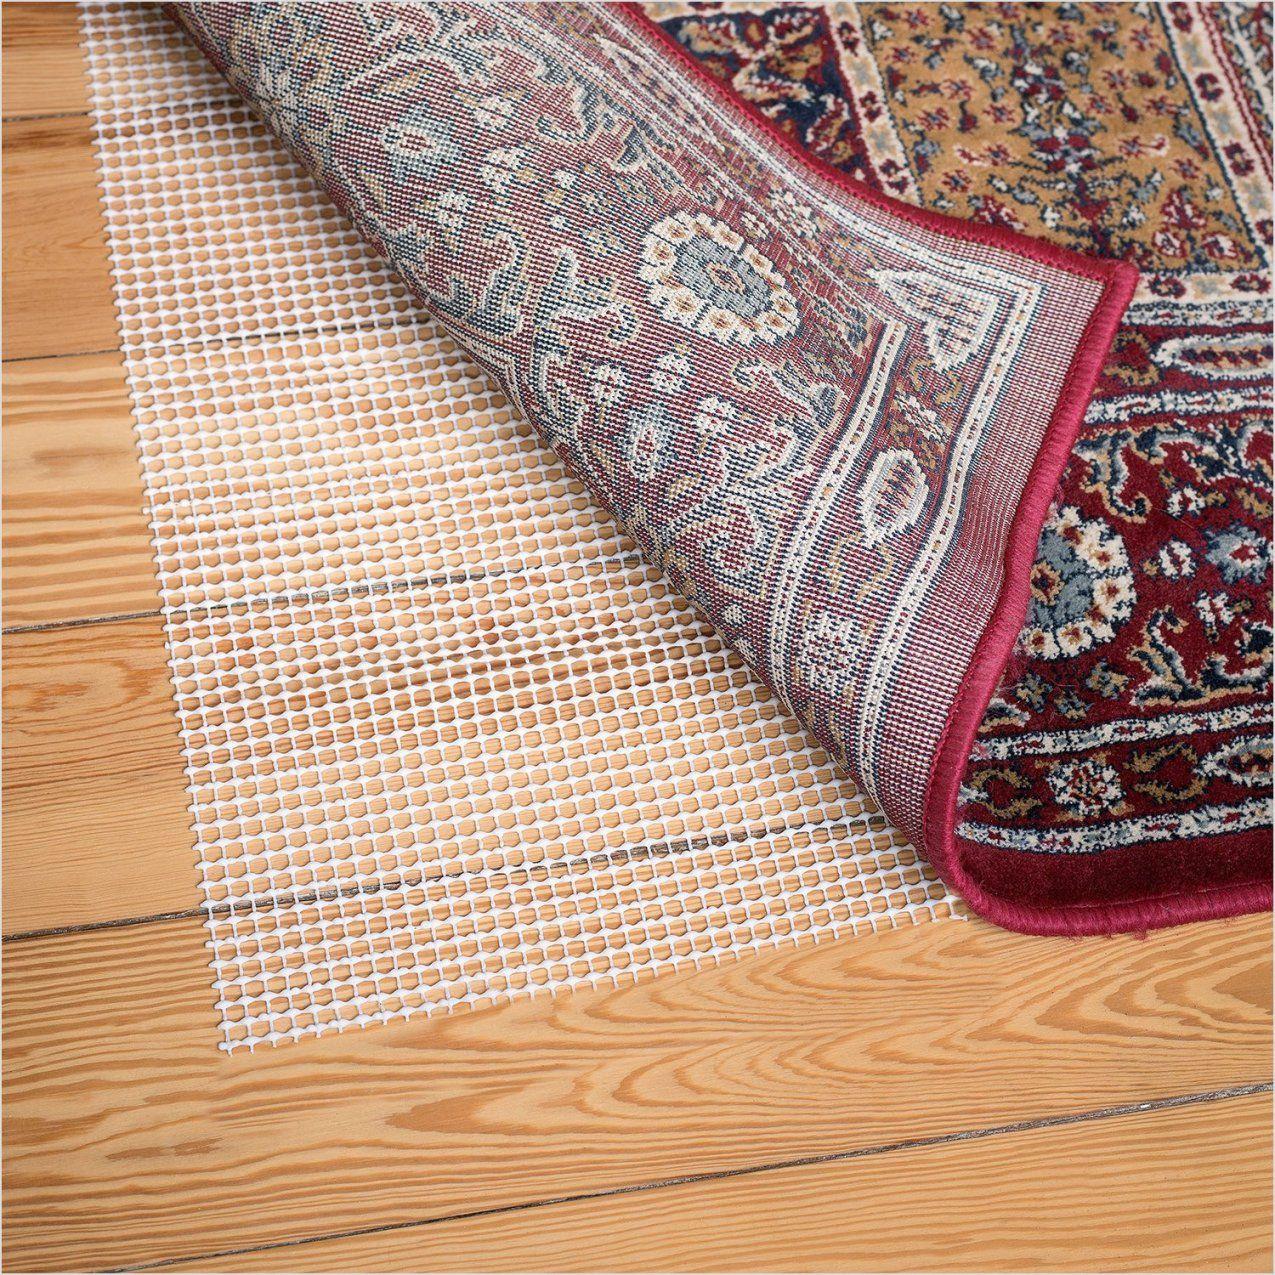 Ziemlich Shaggy Teppich Reinigen Hausmittel 21774 Haus Renovieren von Hochflor Teppich Reinigen Hausmittel Photo